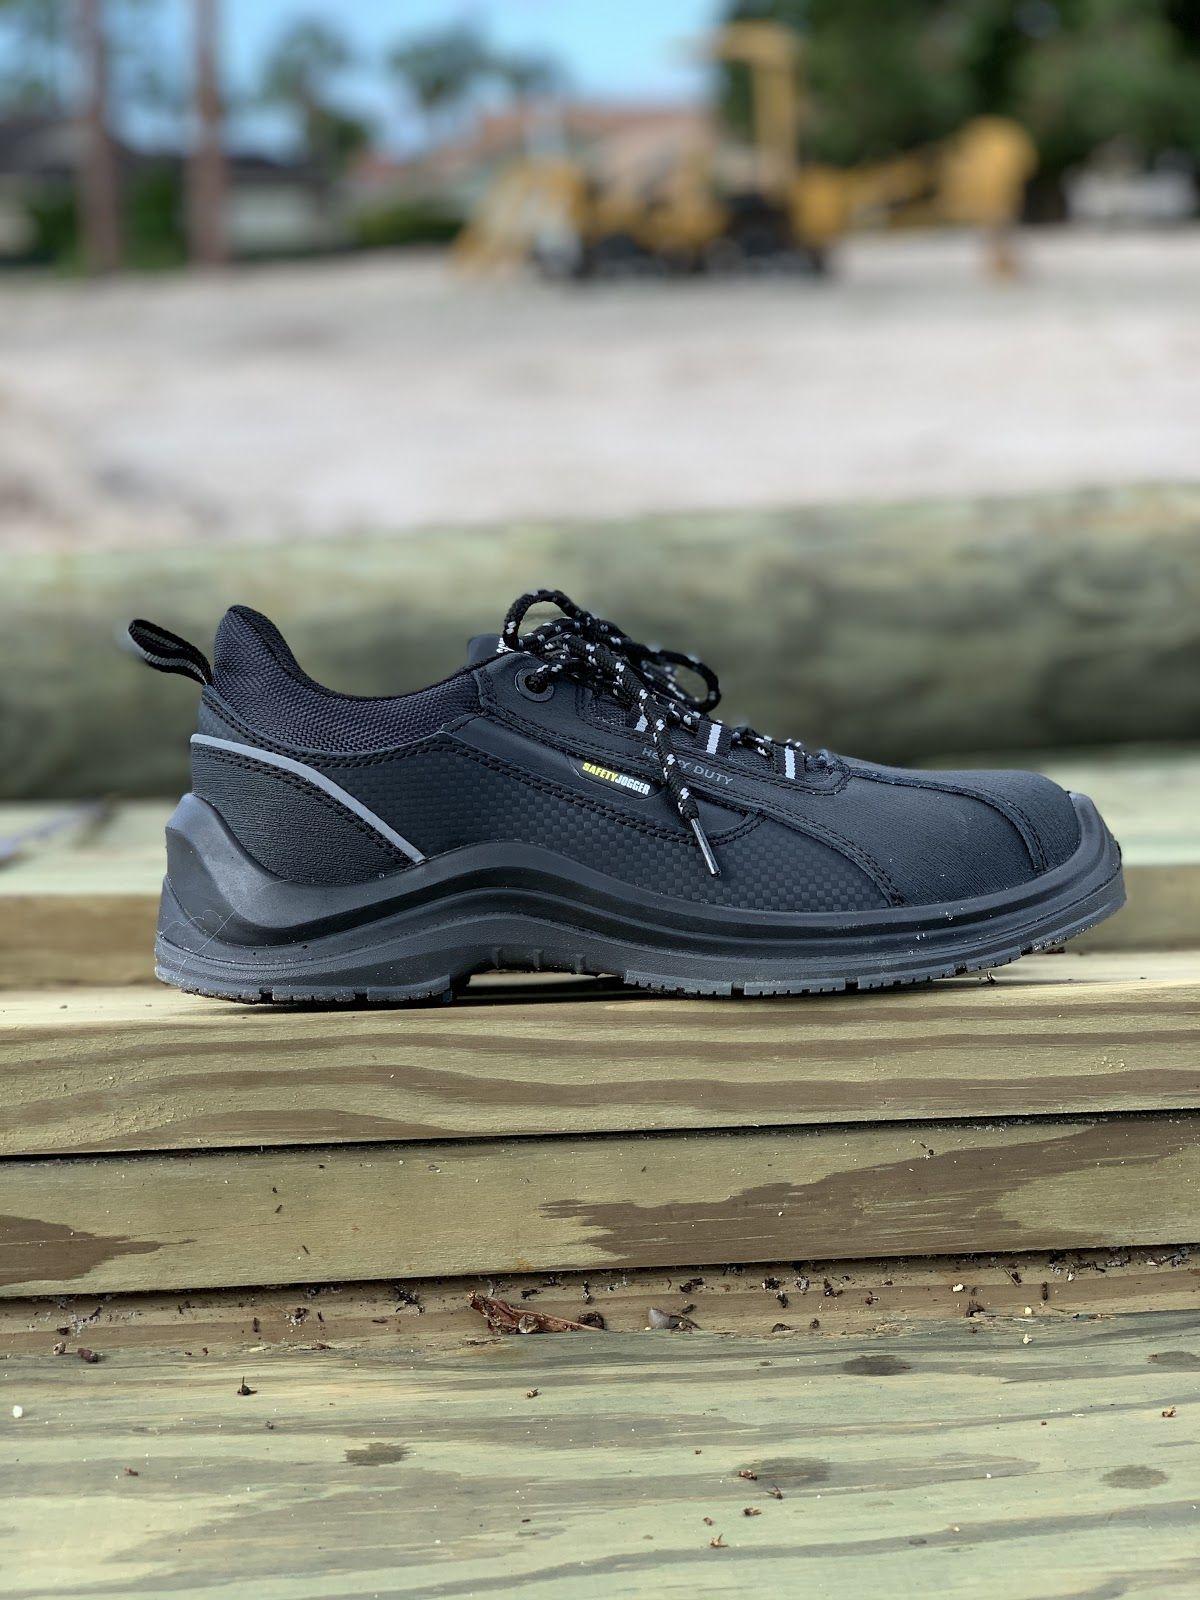 Advance 81 Steel Toe / Black in 2020 Steel toe, Safety